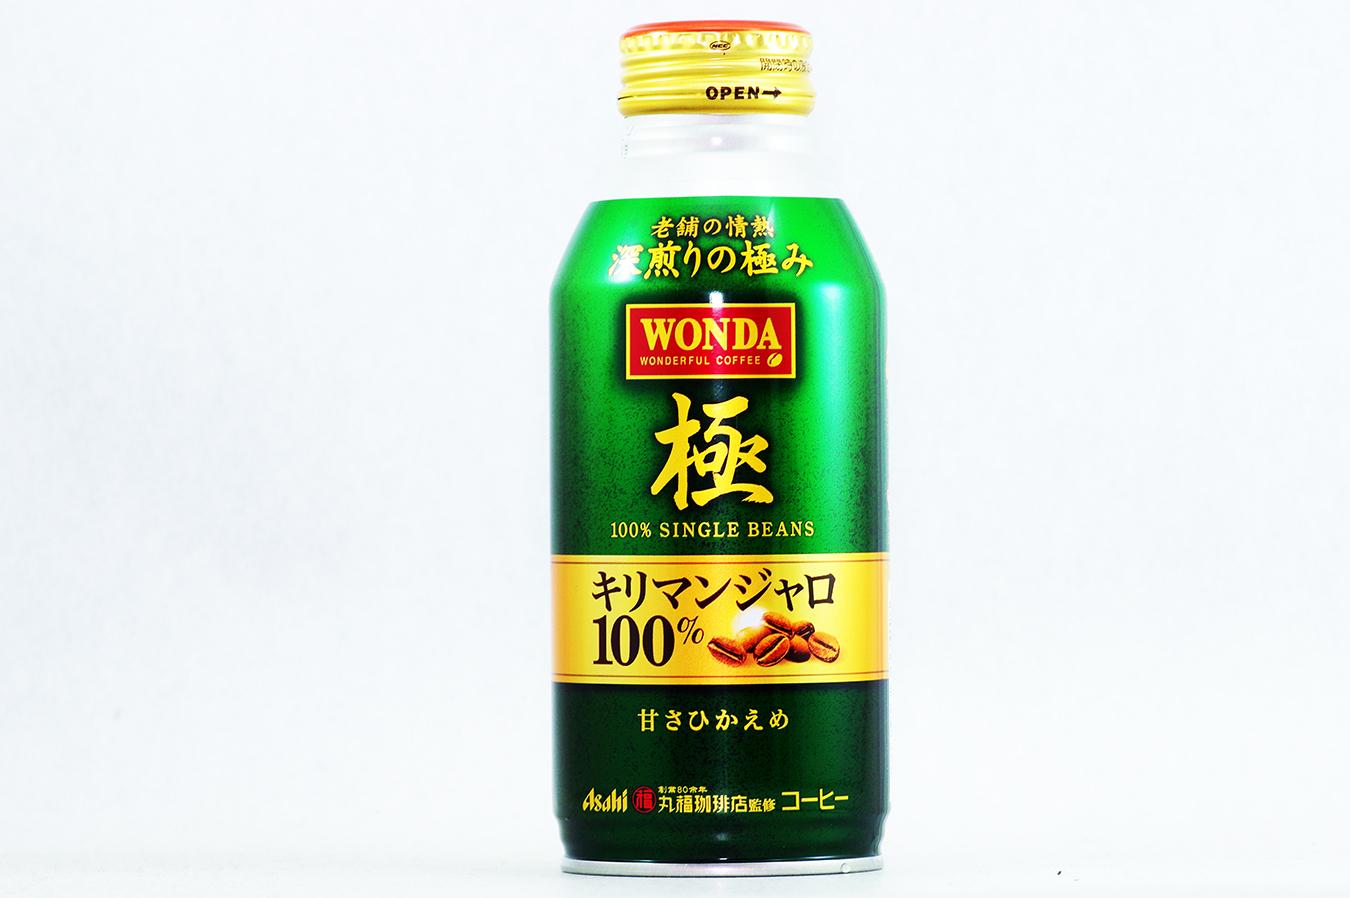 WONDA 極 キリマンジャロ100% ボトル缶370g 2018年5月